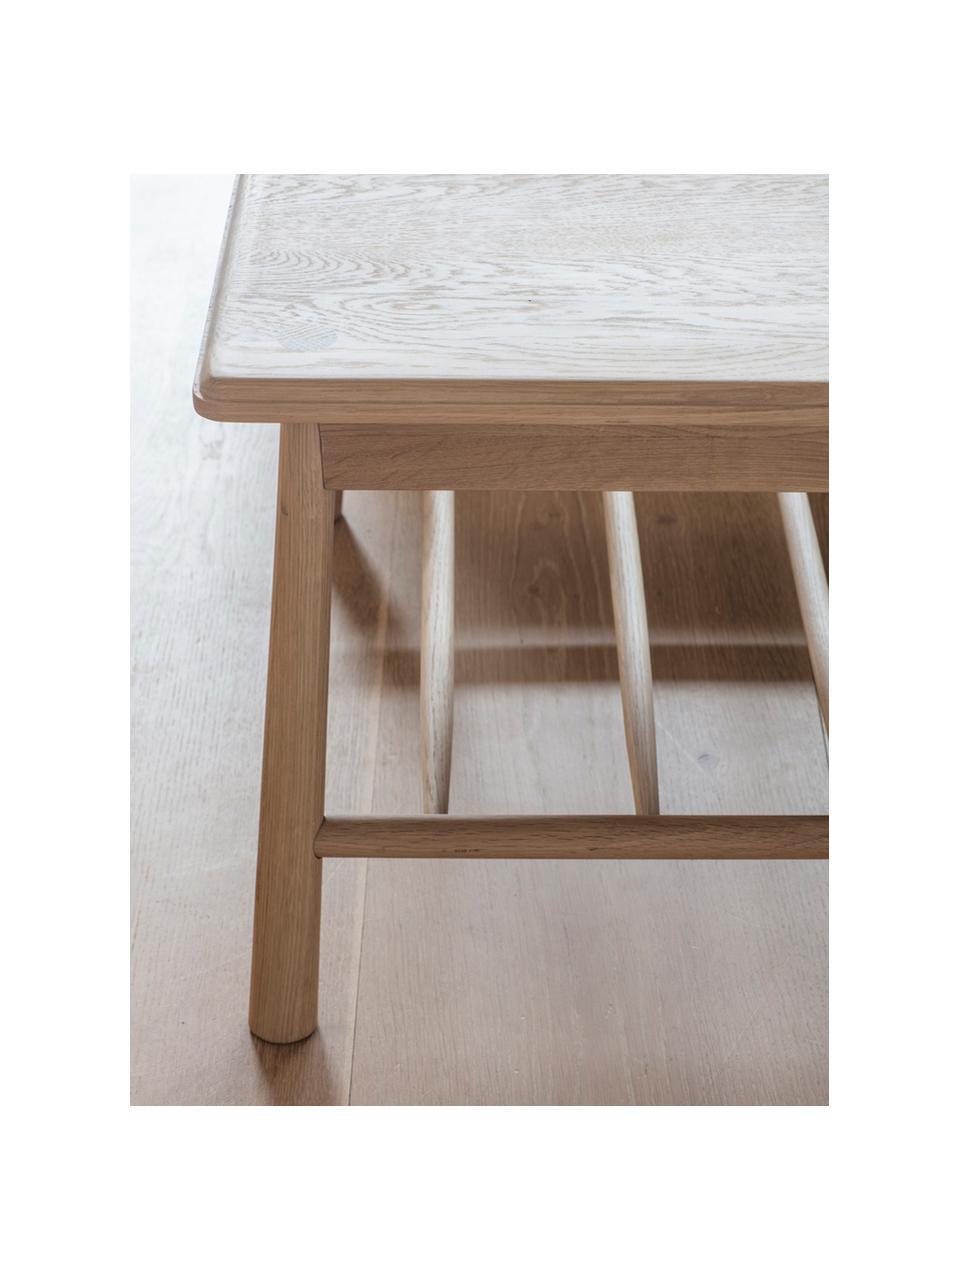 Tavolino da salotto in legno di quercia  Wycombe, Massiccio legno di quercia, pannelli di fibra a media densità (MDF) con rivestimento in legno di quercia, Legno di quercia, Larg. 120 x Alt. 43 cm